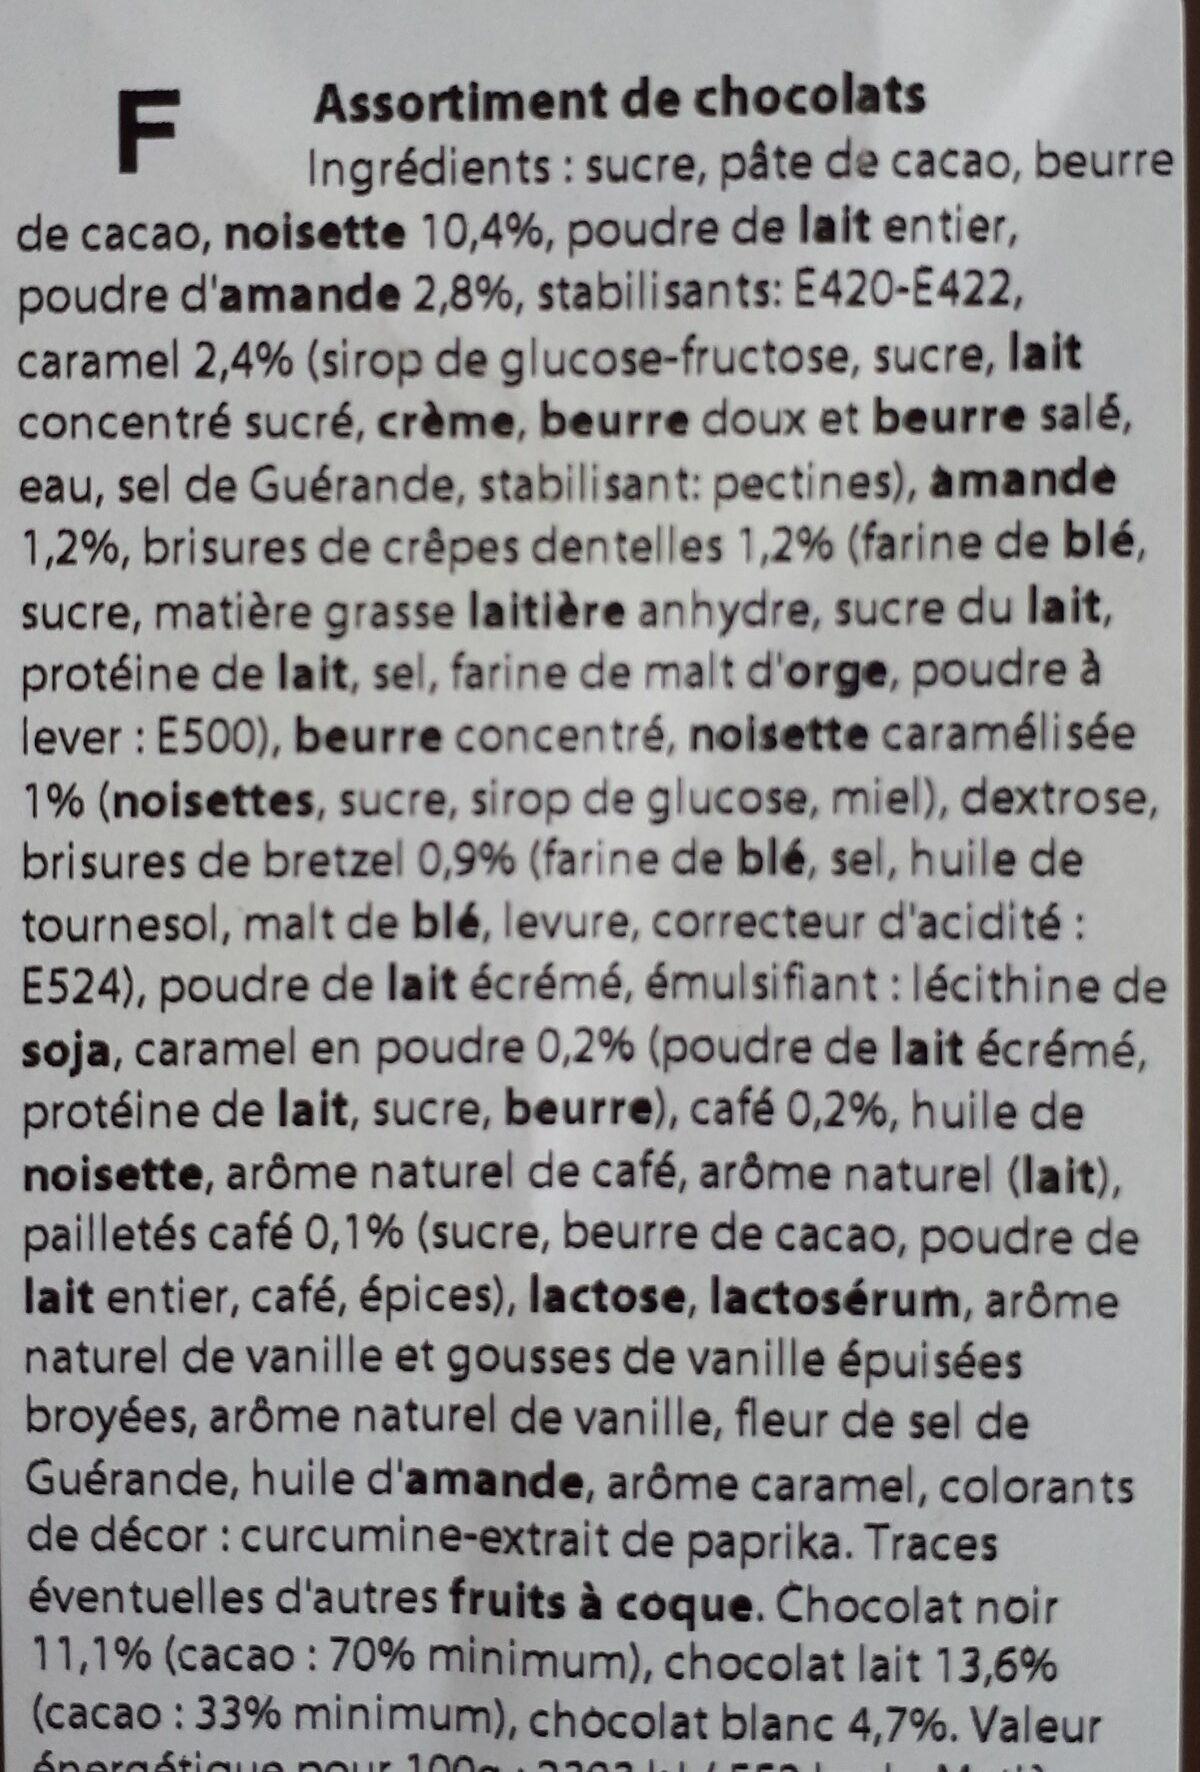 Assortiments de chocolats - Ingredients